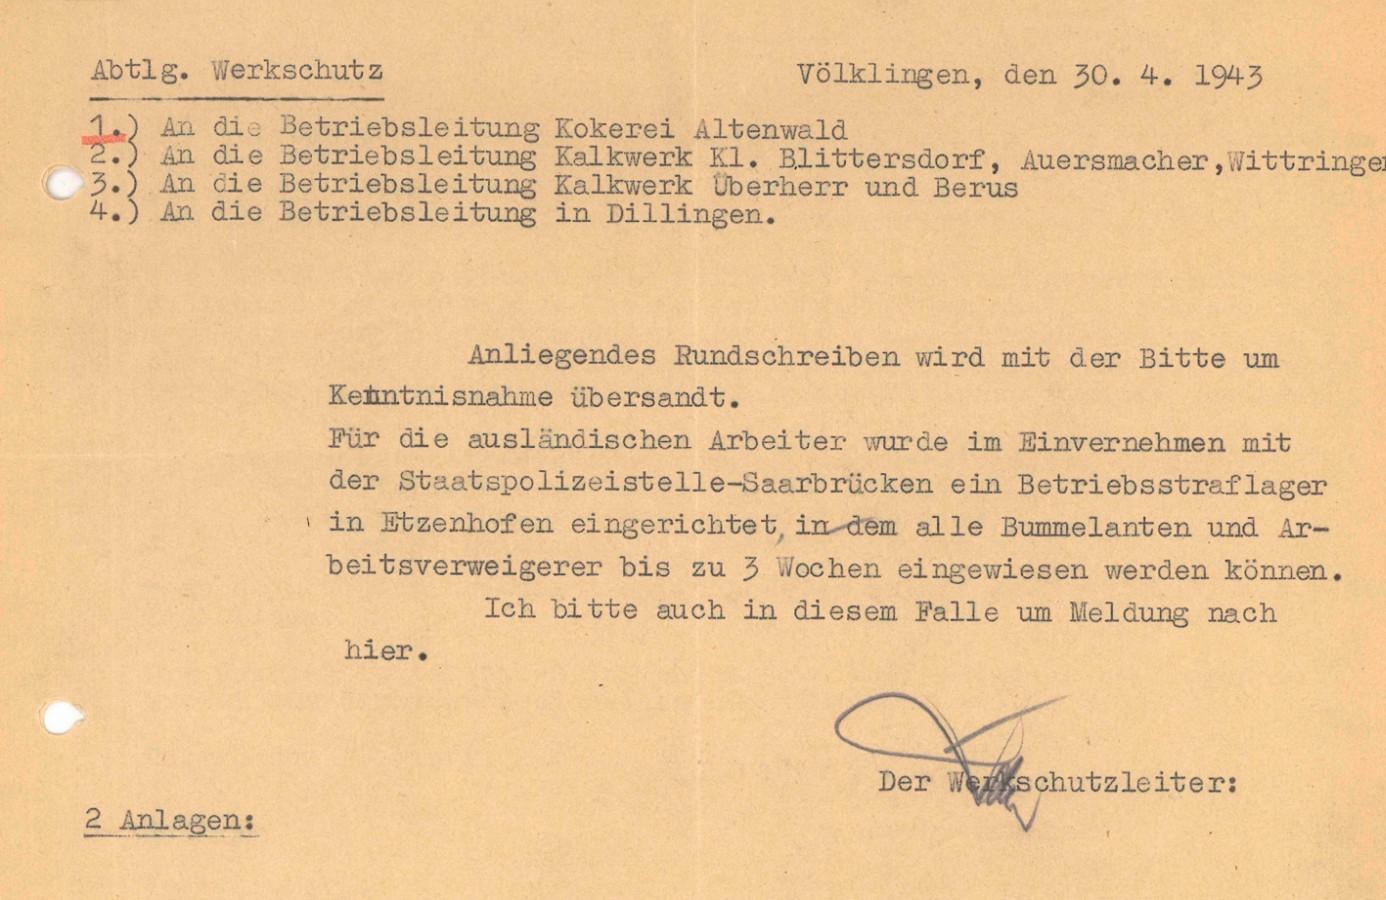 Werkschutzleiter Rasner gibt den außerhalb von Völklingen gelegenen Betrieben die Einrichtung des AEL in Etzenhofen bekannt.